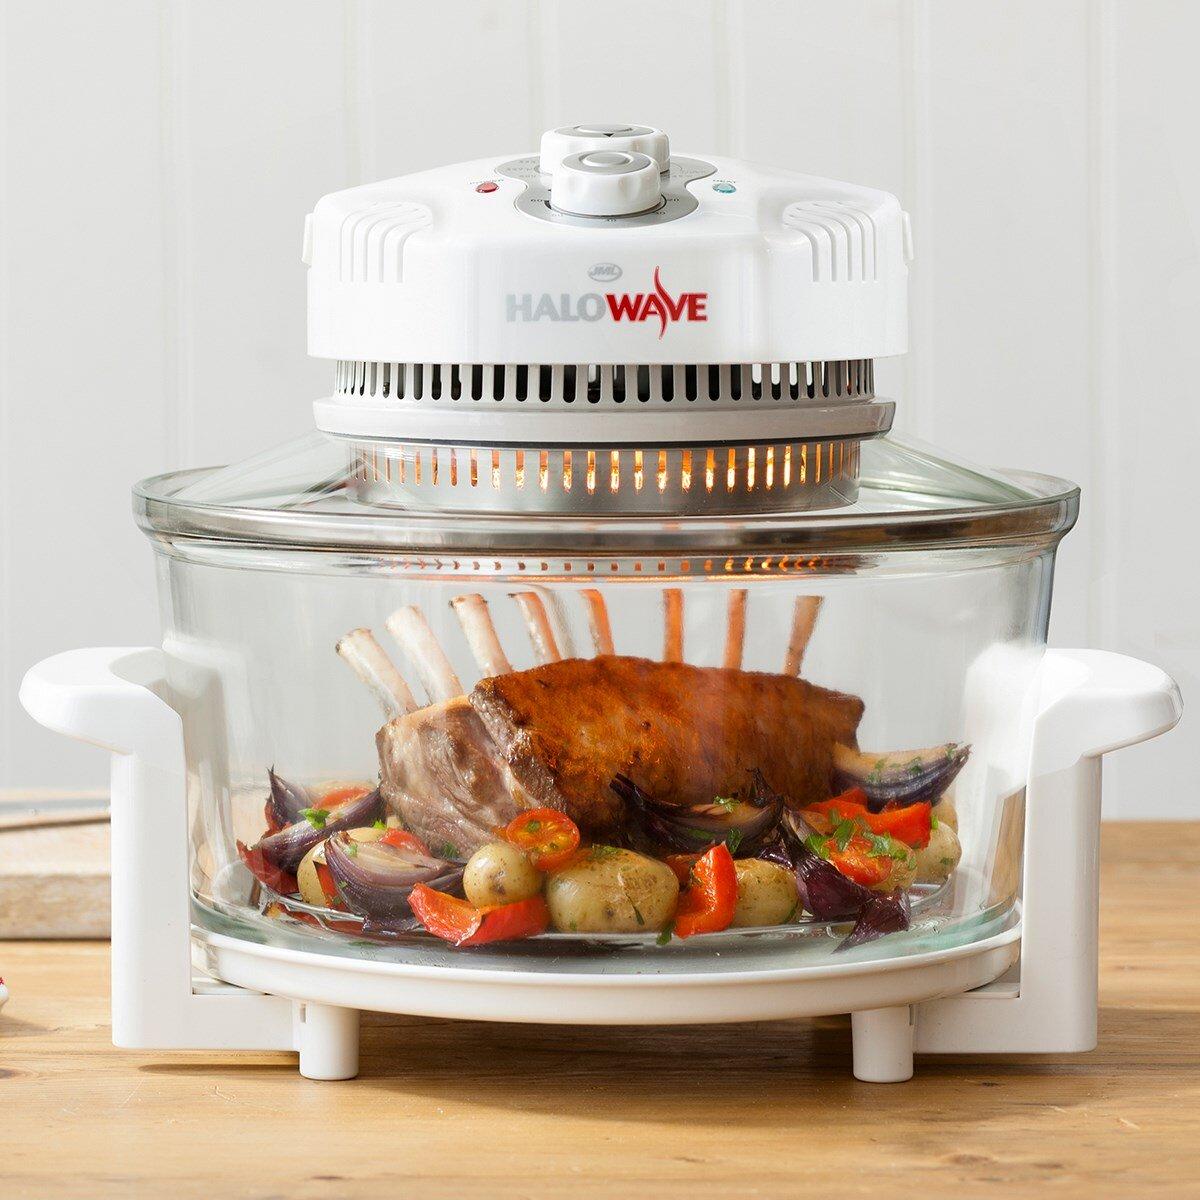 Cách sử dụng lò halogen để nướng thịt